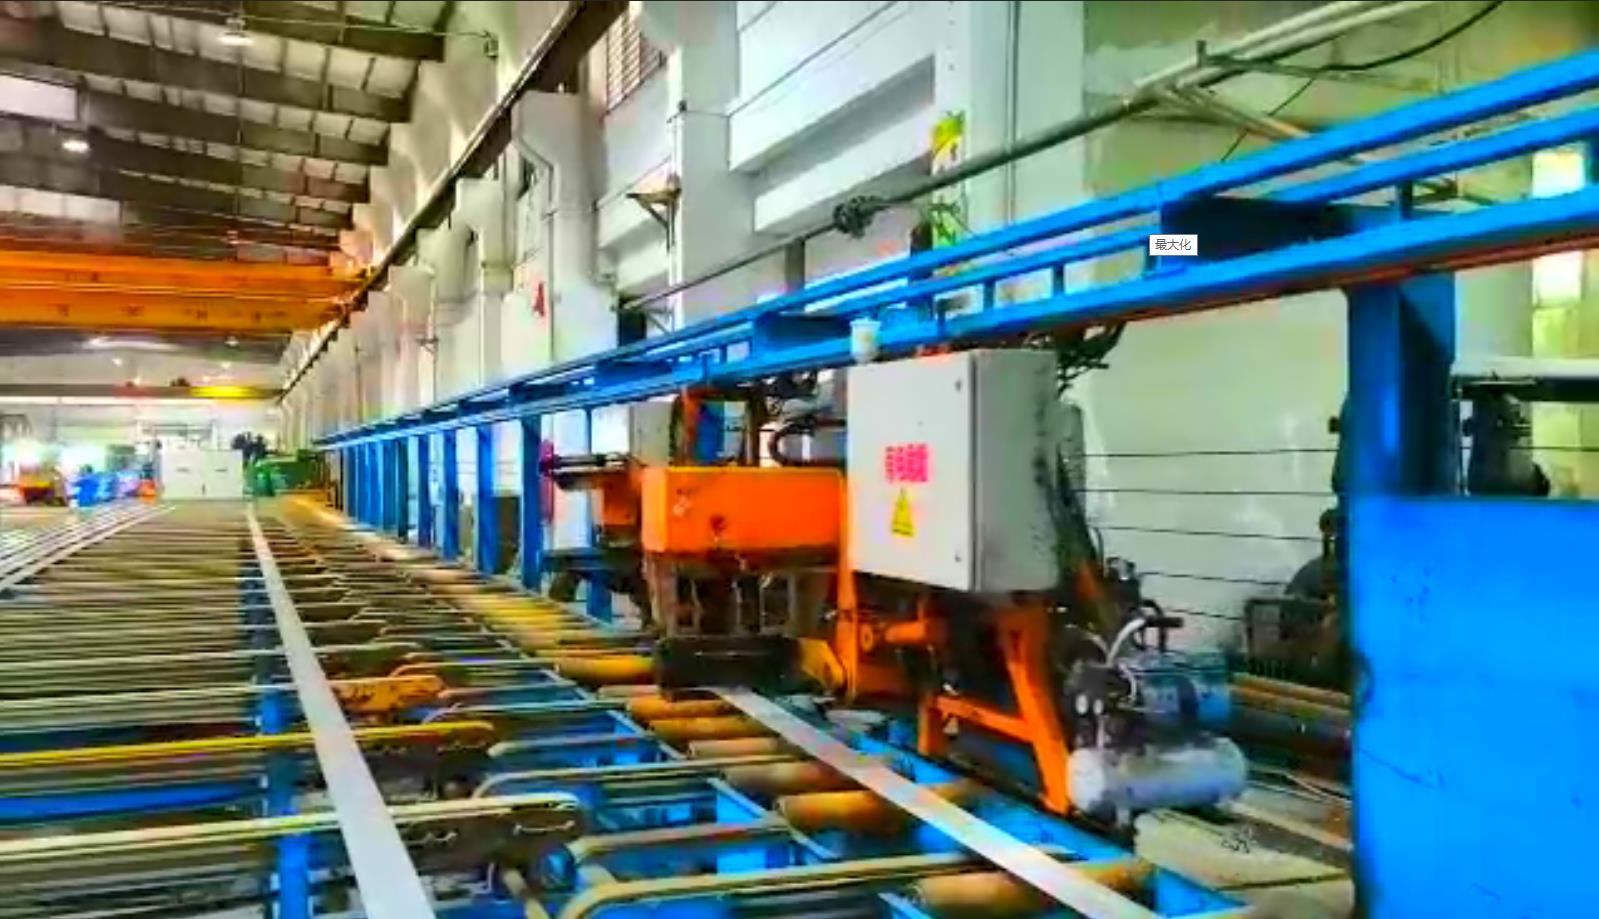 铝材追剪工艺生产线全自动总线改造项目